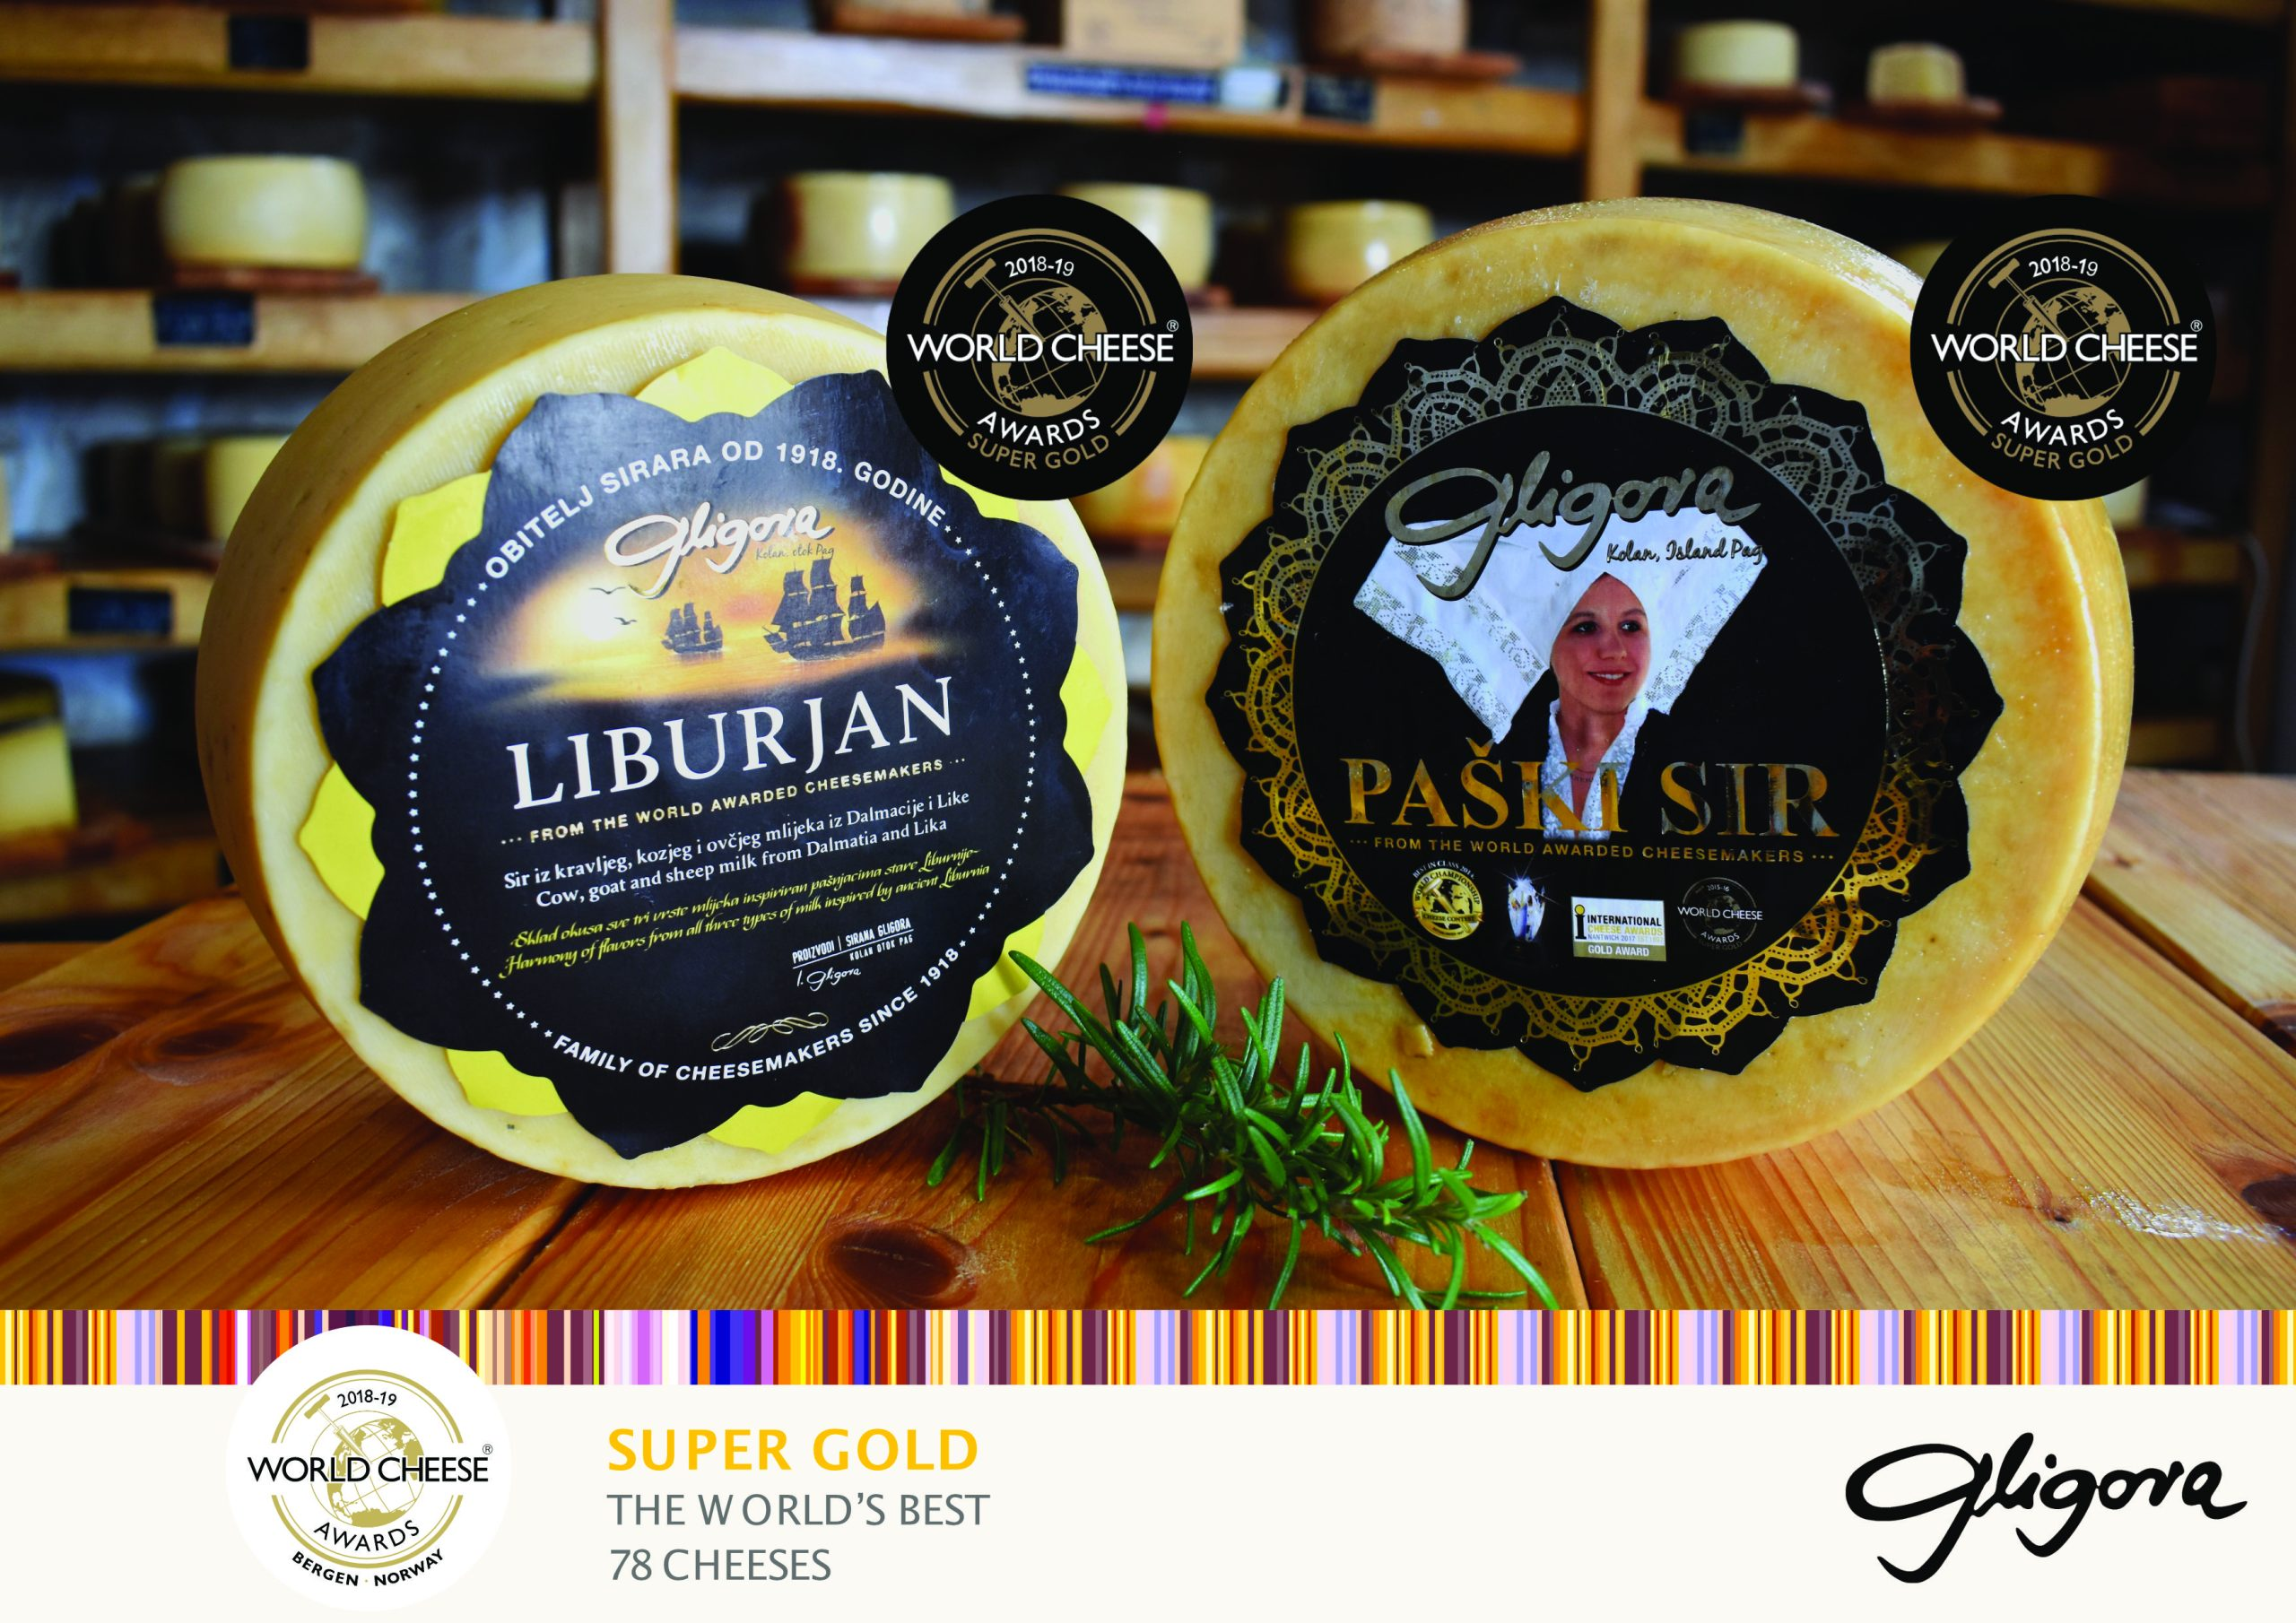 two croatian cheeses win super gold award at 2018 world cheese rh croatiaweek com super gold world cheese awards 2017